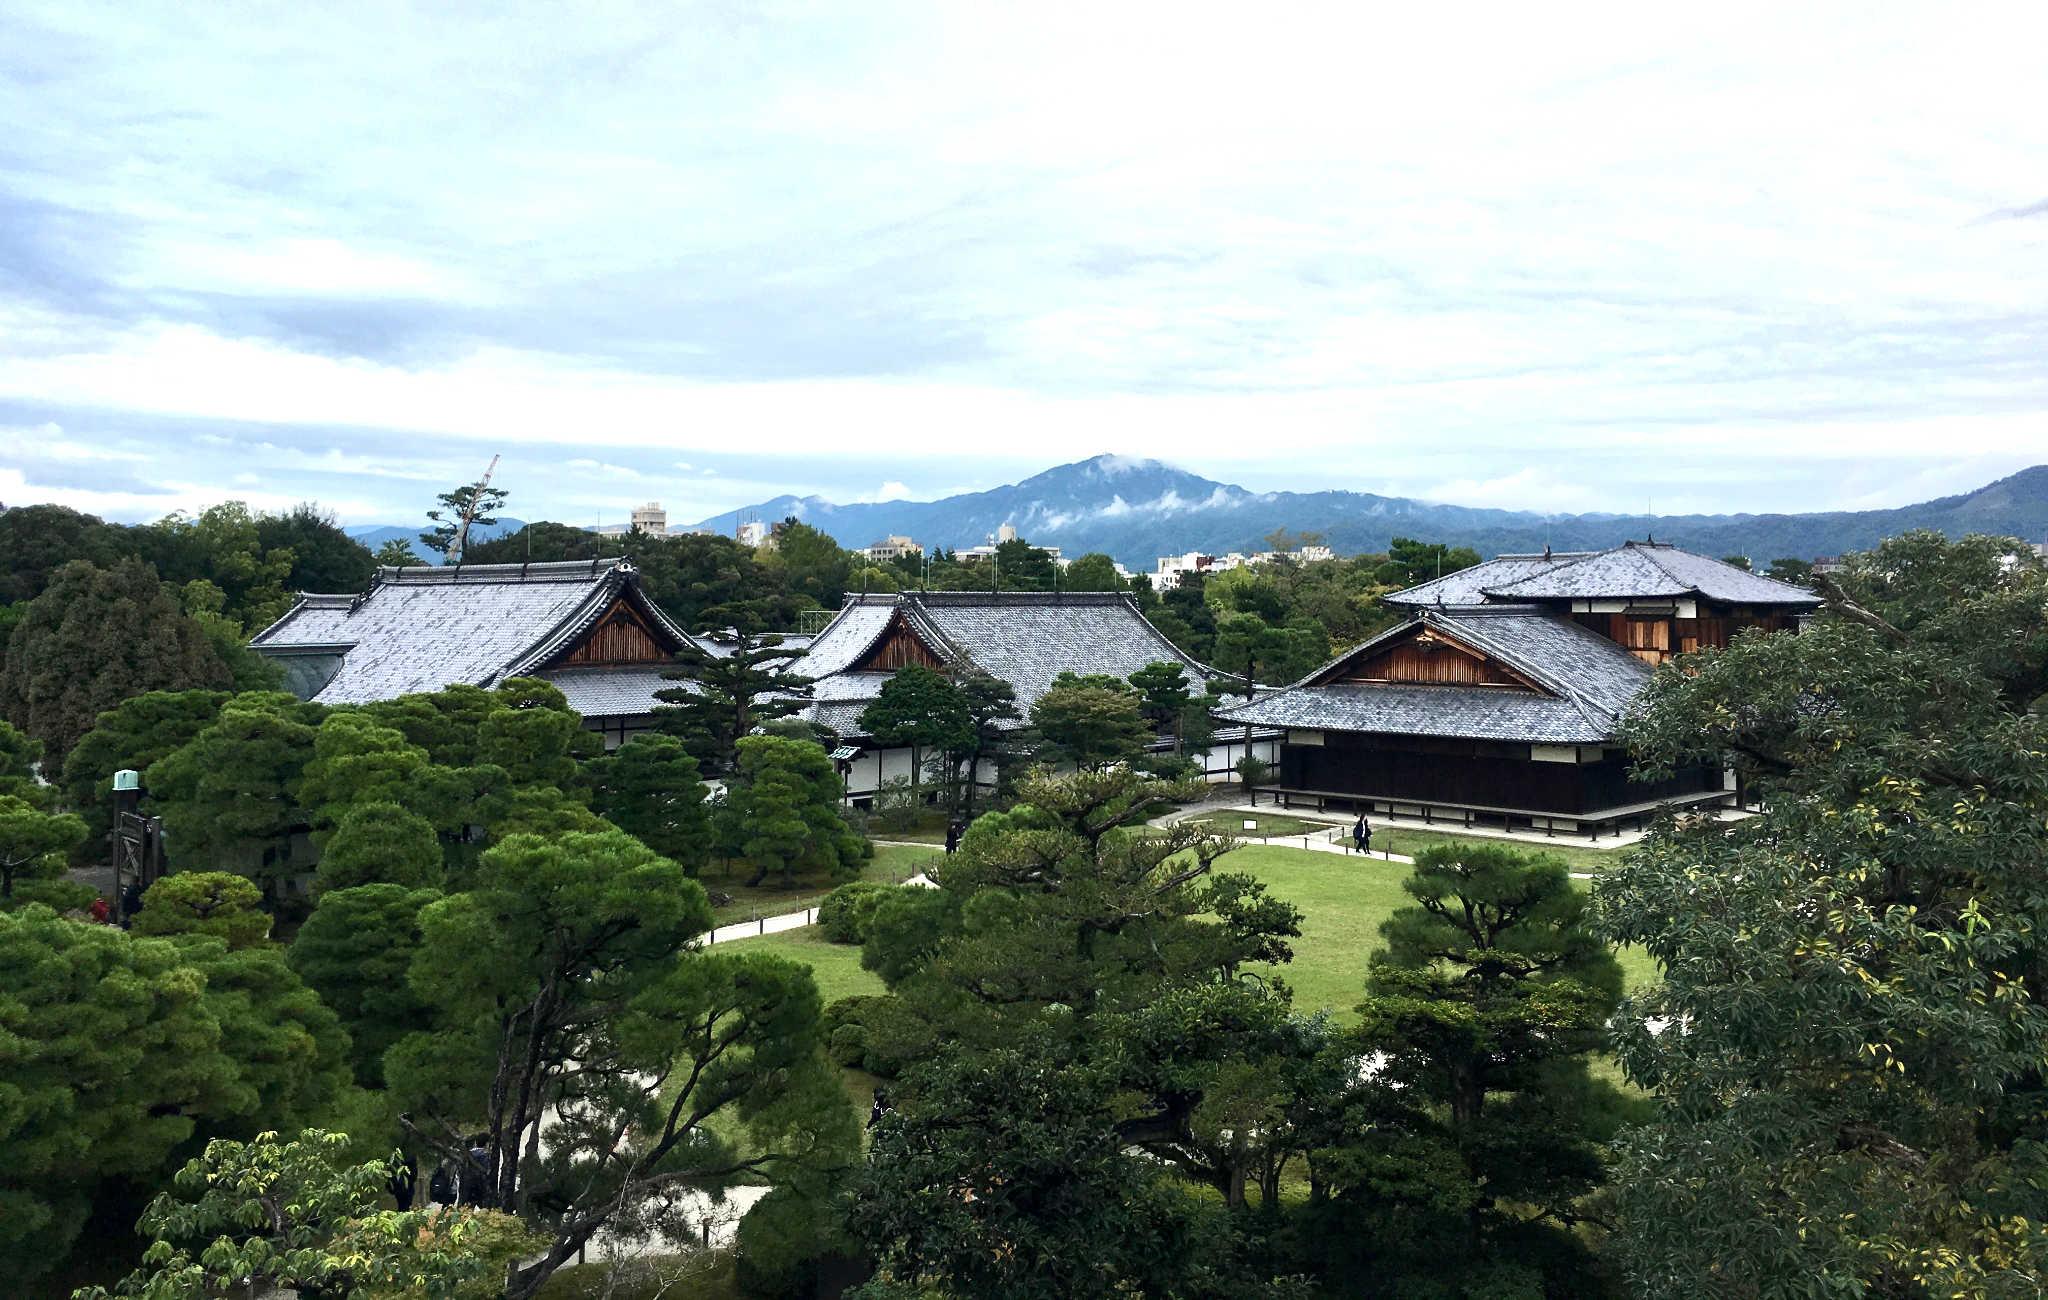 Du point le plus haut, vue sur les jardins et Kyoto au loin